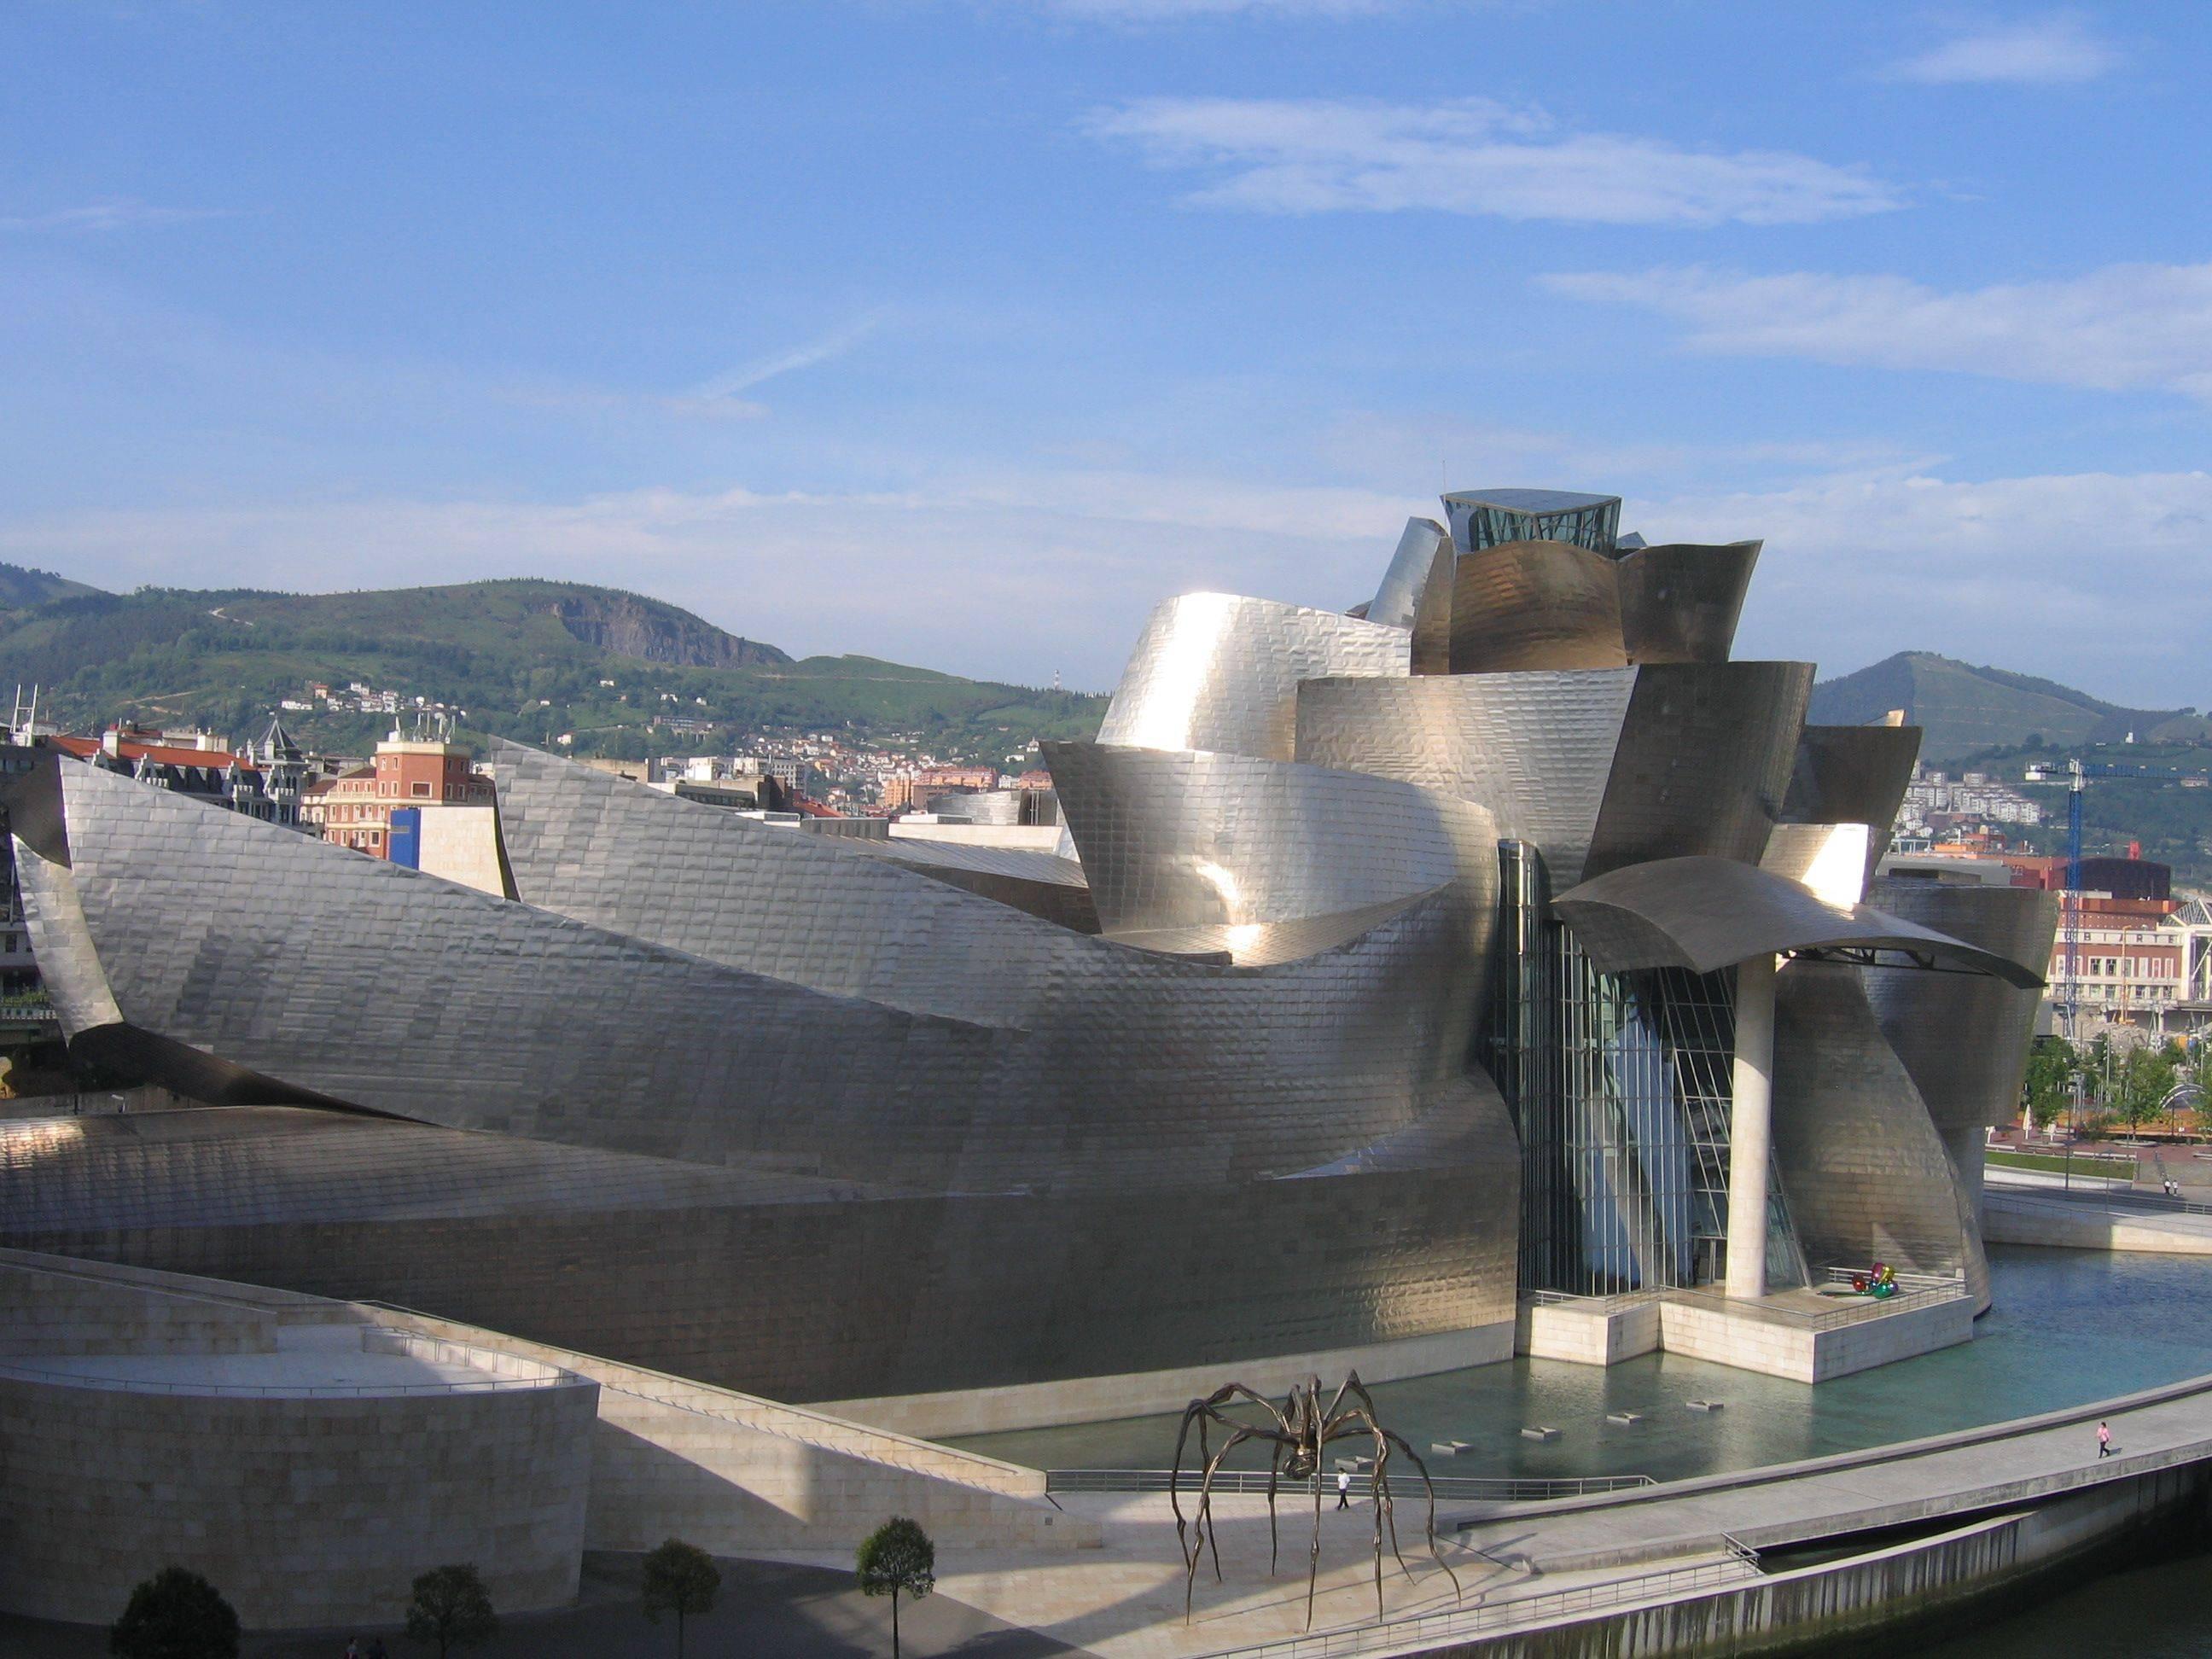 Музей гуггенхайма в бильбао: величайшая постройка современности